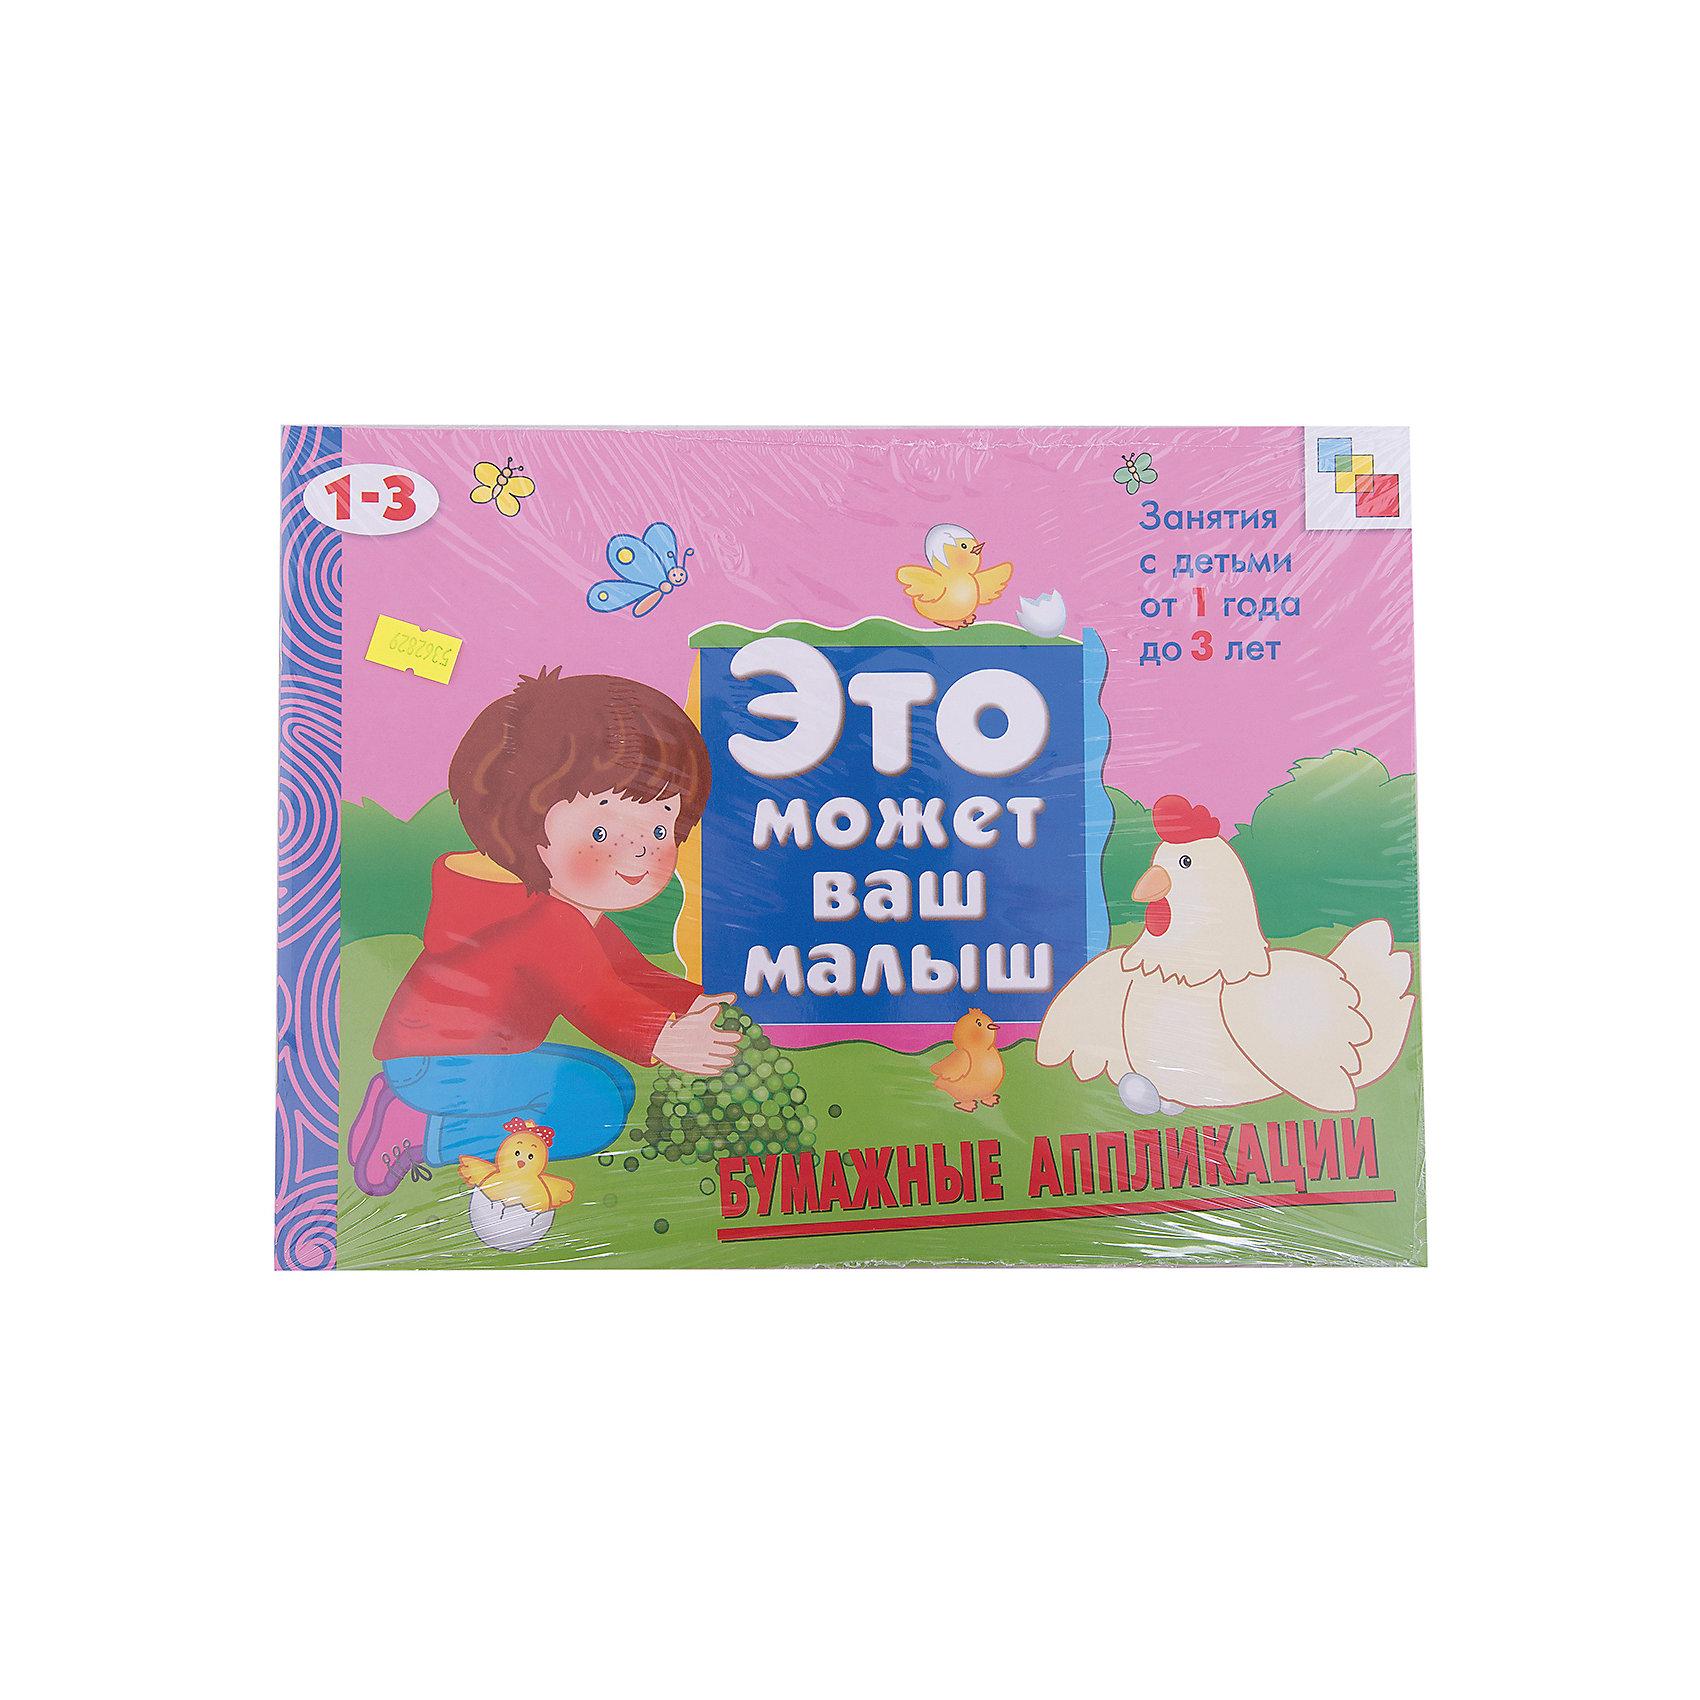 Бумажные аппликации, Это может Ваш малышБумага<br>Характеристики бумажных аппликации, Это может Ваш малыш:<br><br>• возраст: до 3 лет<br>• пол: для мальчиков и девочек<br>• количество страниц: 16.<br>• размер книги: 21 х 29 см.<br>• тип обложки: мягкий.<br>• иллюстрации: цветные<br>• бренд: Мозаика-Синтез<br>• страна обладатель бренда: Россия.<br><br>Книга Бумажные аппликации познакомит малыша с миром творчества из бумаги. Первая часть книги содержит теоретическую часть: цветные картинки со стишками, которые развлекут ребенка и объяснения как подготовиться к работе, какие кусочки бумаги вырезать и каким именно образом, для чего это нужно и что с ними нужно будет сделать. <br><br>На остальных страницах книги напечатаны рисунки, которые потребуется завершить, наклеив аппликации, а также листы, на которых изображены дополнительные рисунки. Вся книга разбита на занятия, как учебник, сложность которых возрастает к концу книги.<br><br>Бумажные аппликации, Это может Ваш малыш торговой марки о Мозаика-Синтез можно купить в нашем интернет-магазине.<br><br>Ширина мм: 2<br>Глубина мм: 290<br>Высота мм: 215<br>Вес г: 130<br>Возраст от месяцев: 12<br>Возраст до месяцев: 36<br>Пол: Унисекс<br>Возраст: Детский<br>SKU: 5362829